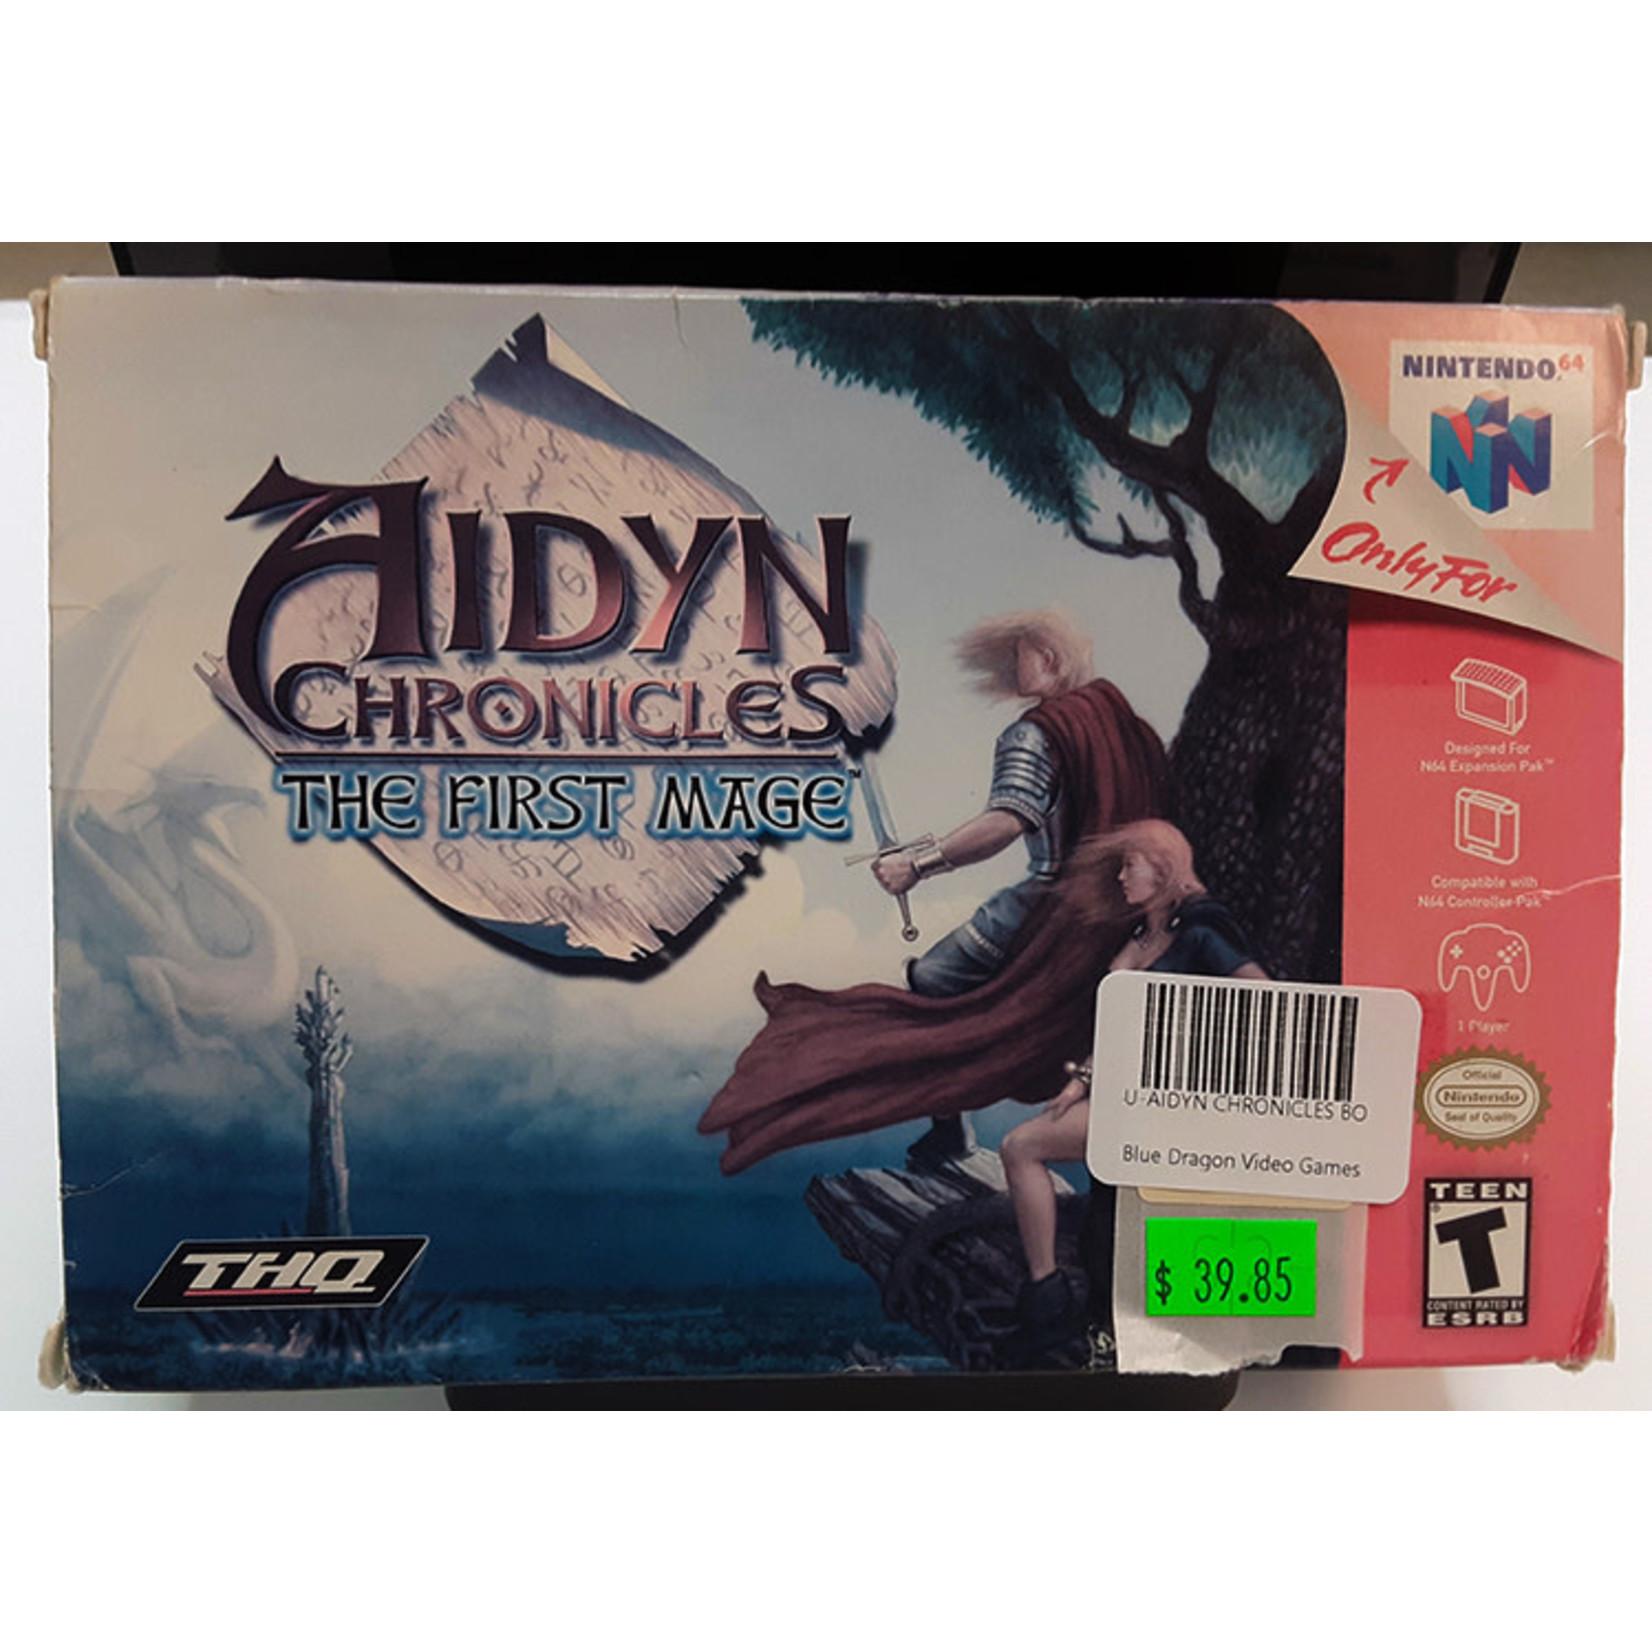 N64U-AIDYN CHRONICLES BOXED